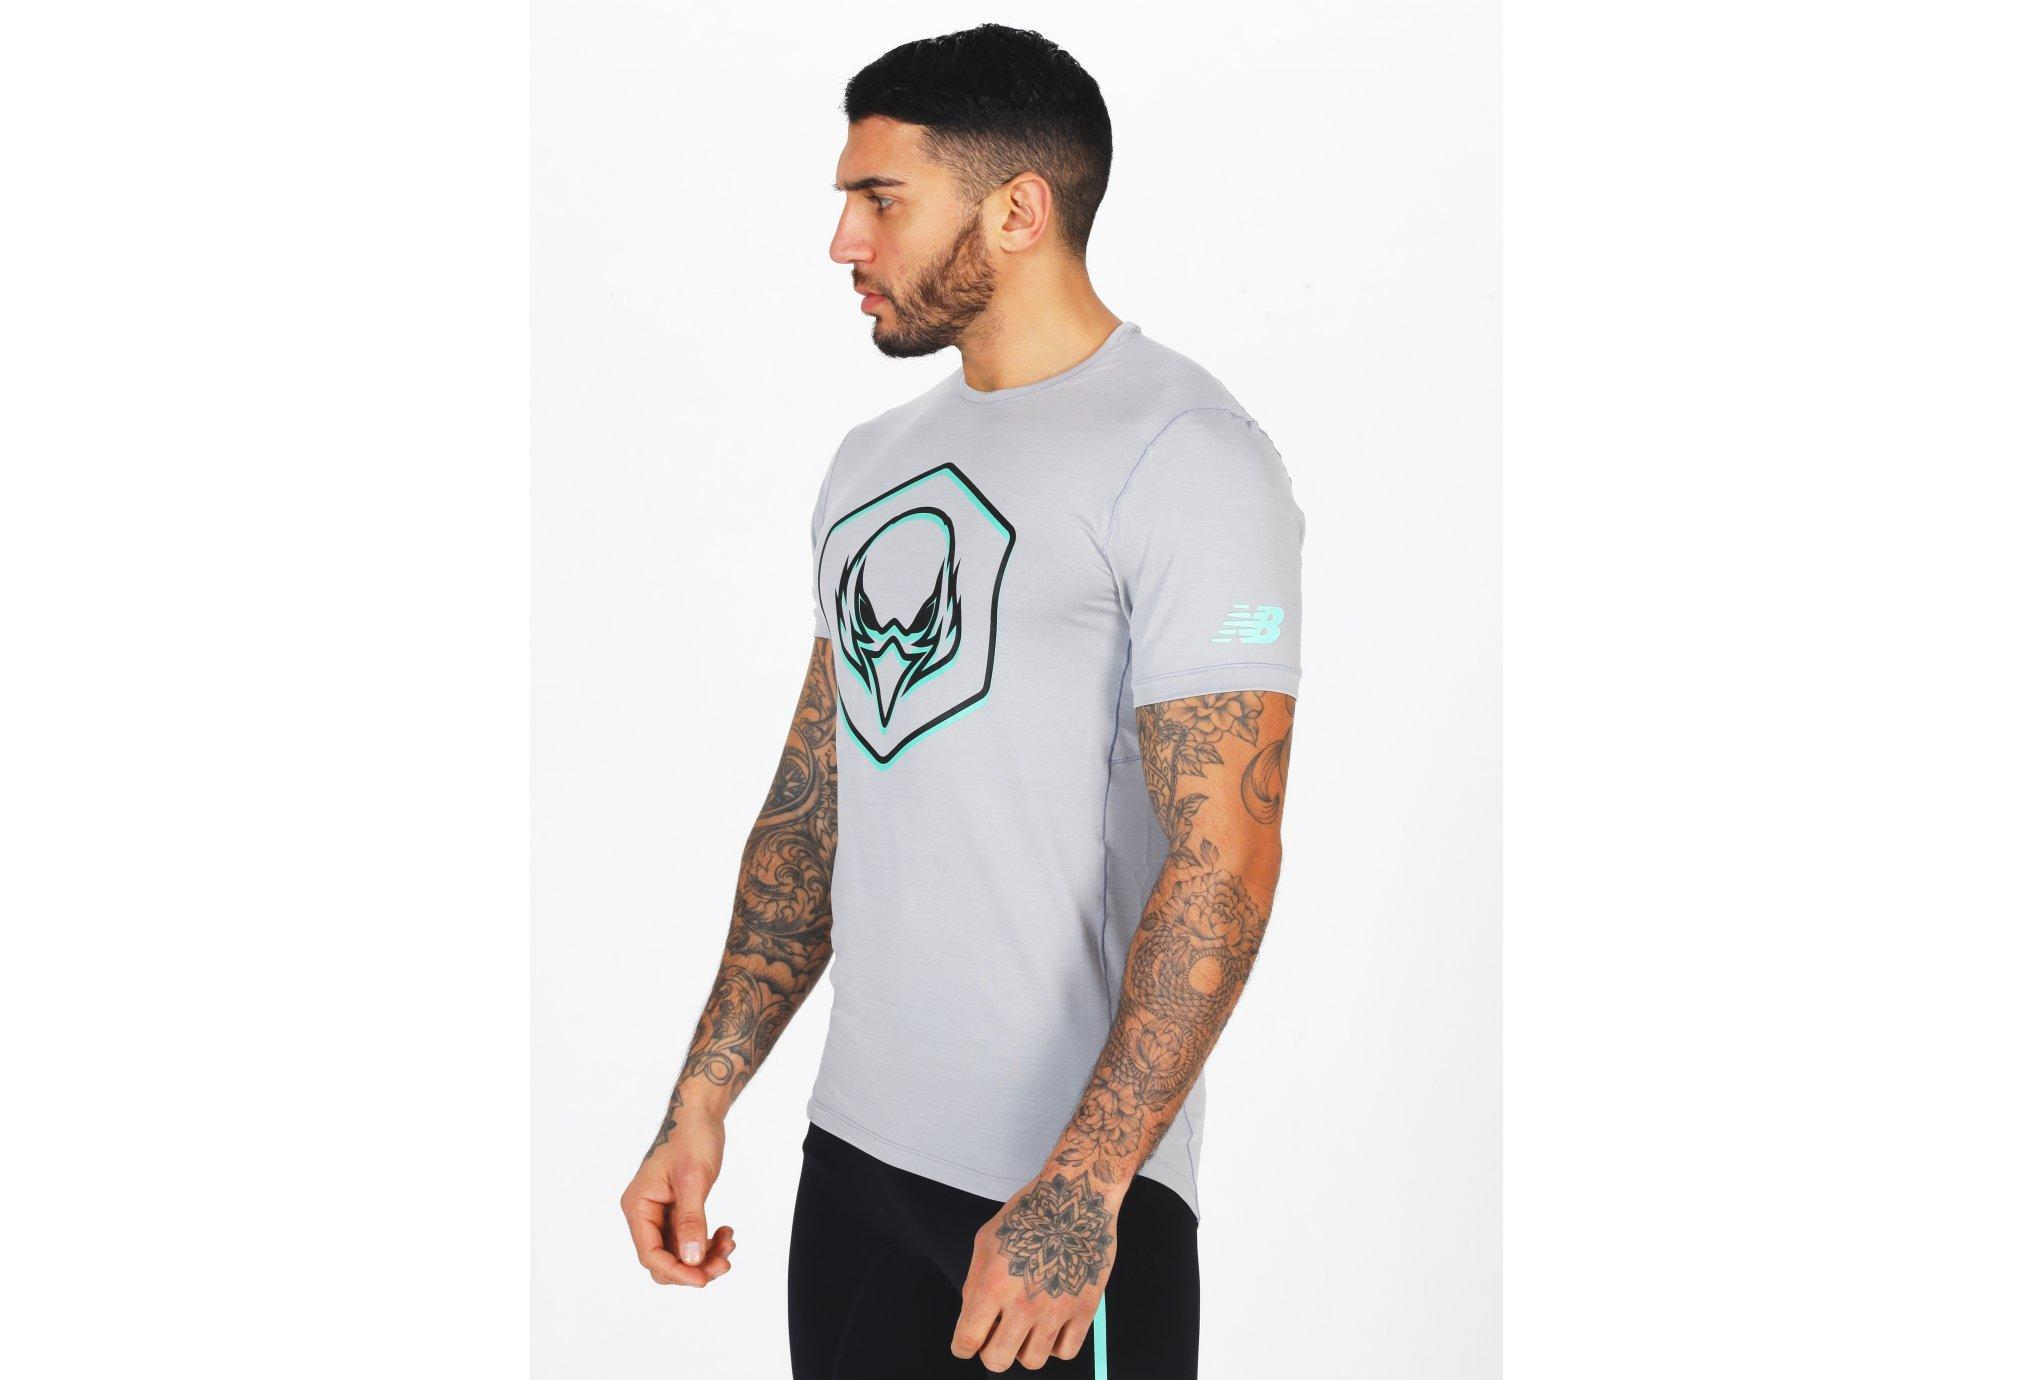 New Balance Prodigy Team Elite M Diététique Vêtements homme